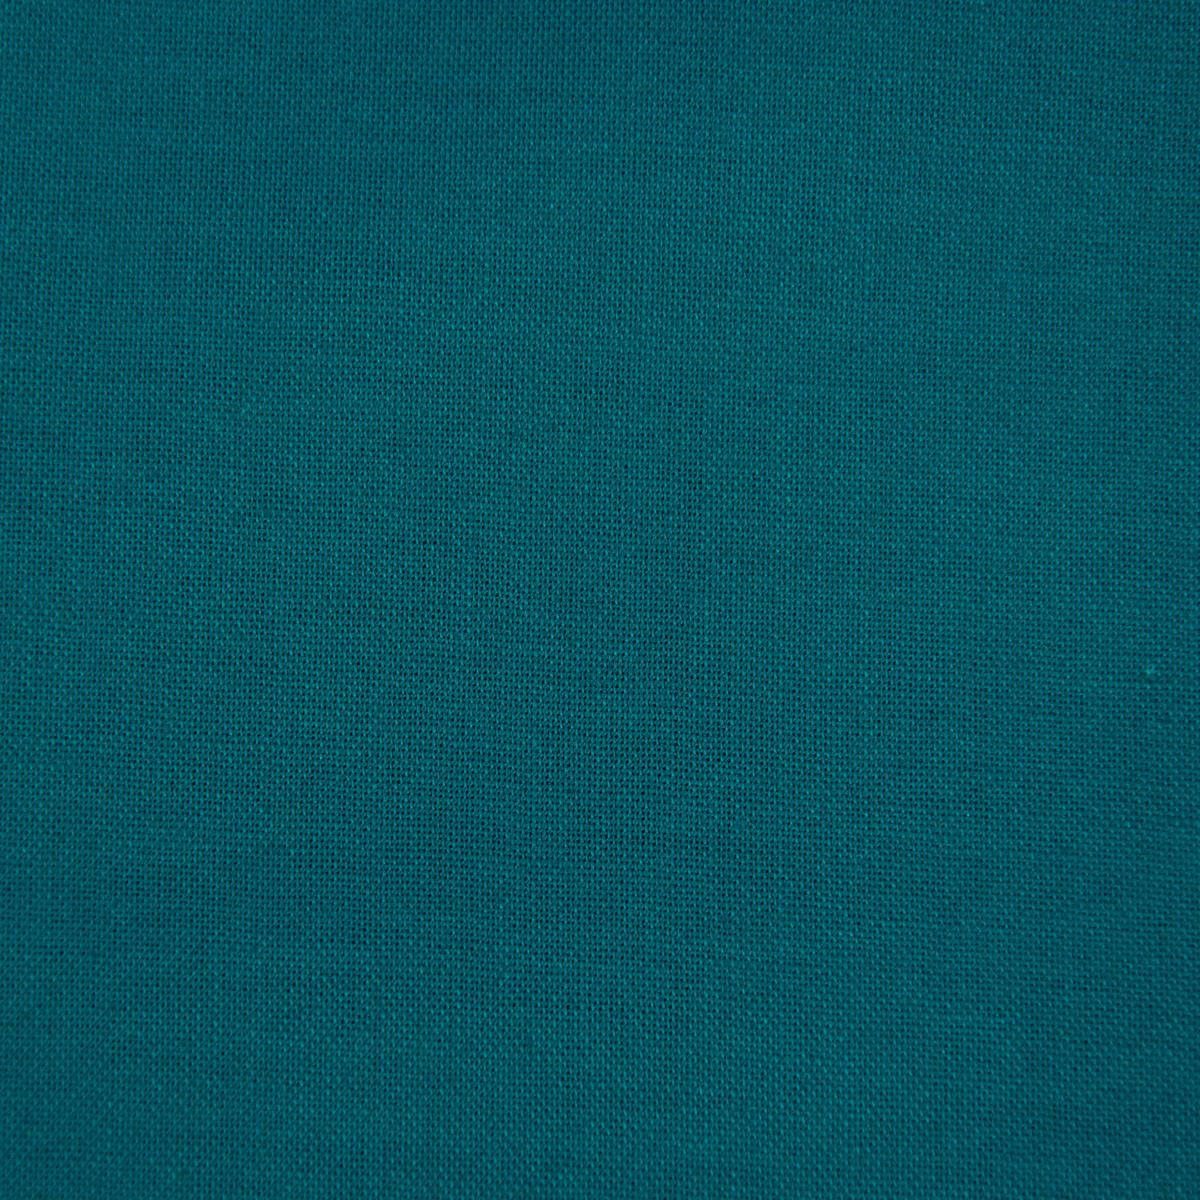 Kreativstoff Baumwollstoff Fahnentuch einfarbig petrol 1,45m Breite